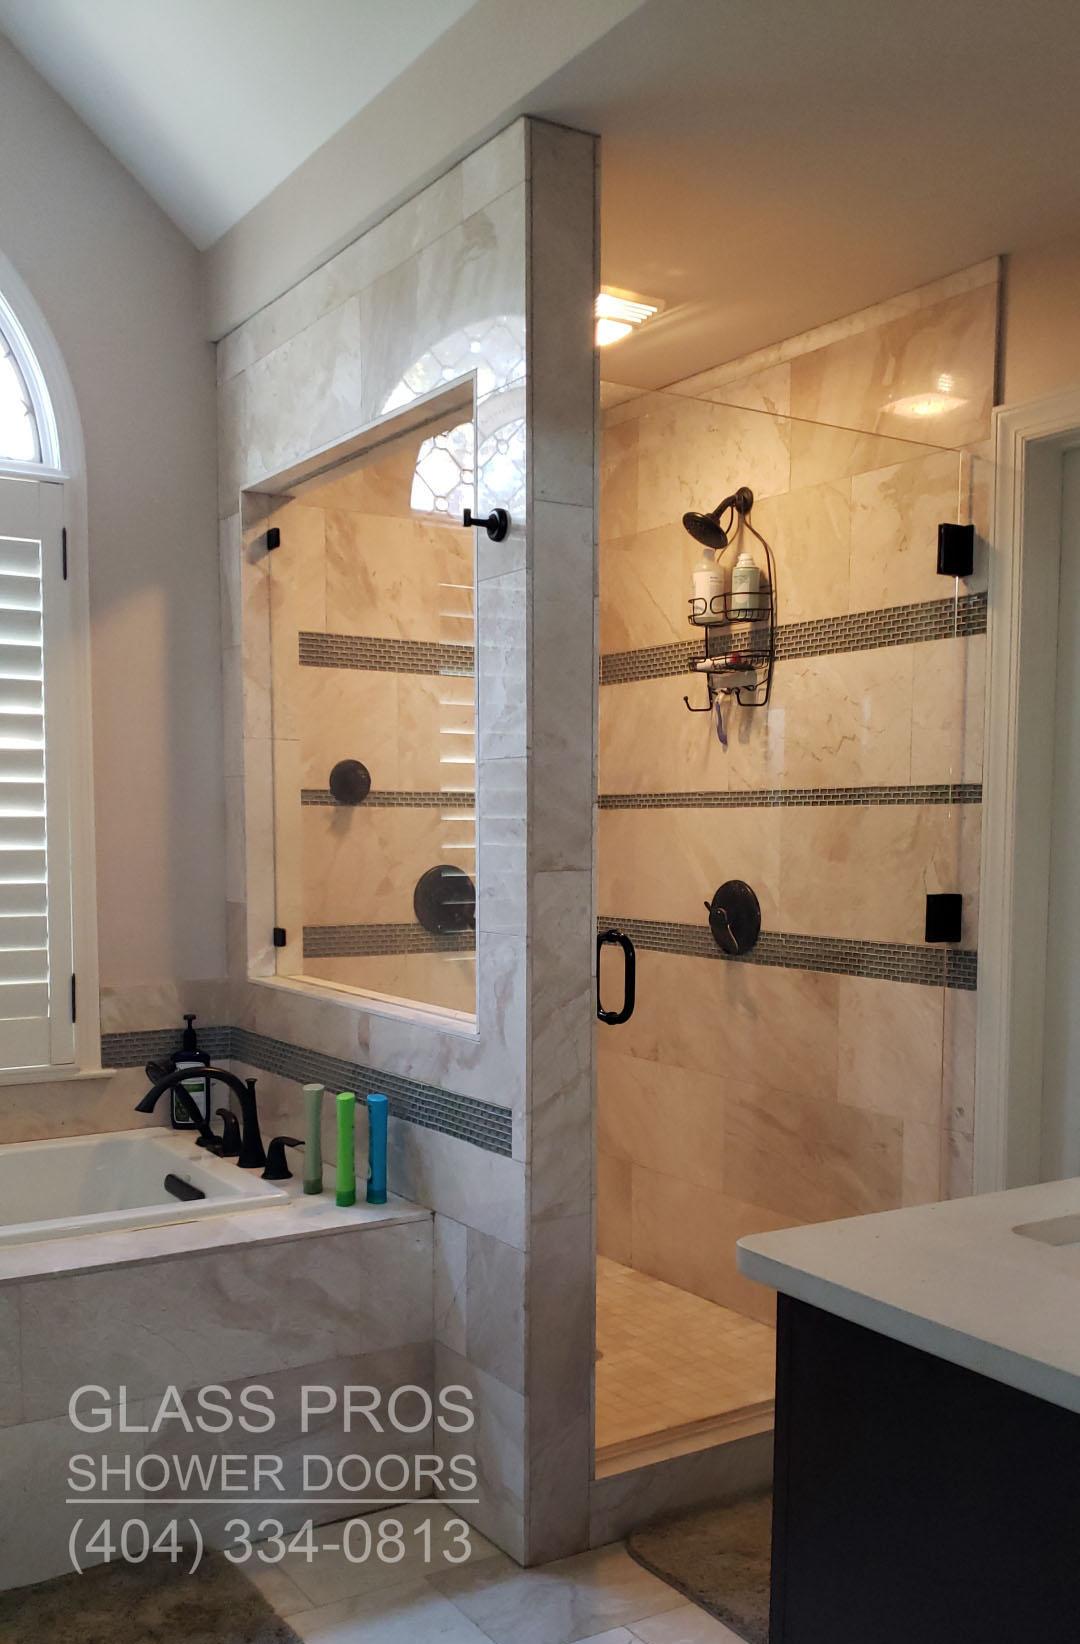 Glass Pros Of Roswell Frameless And Semi Framed Shower Doors